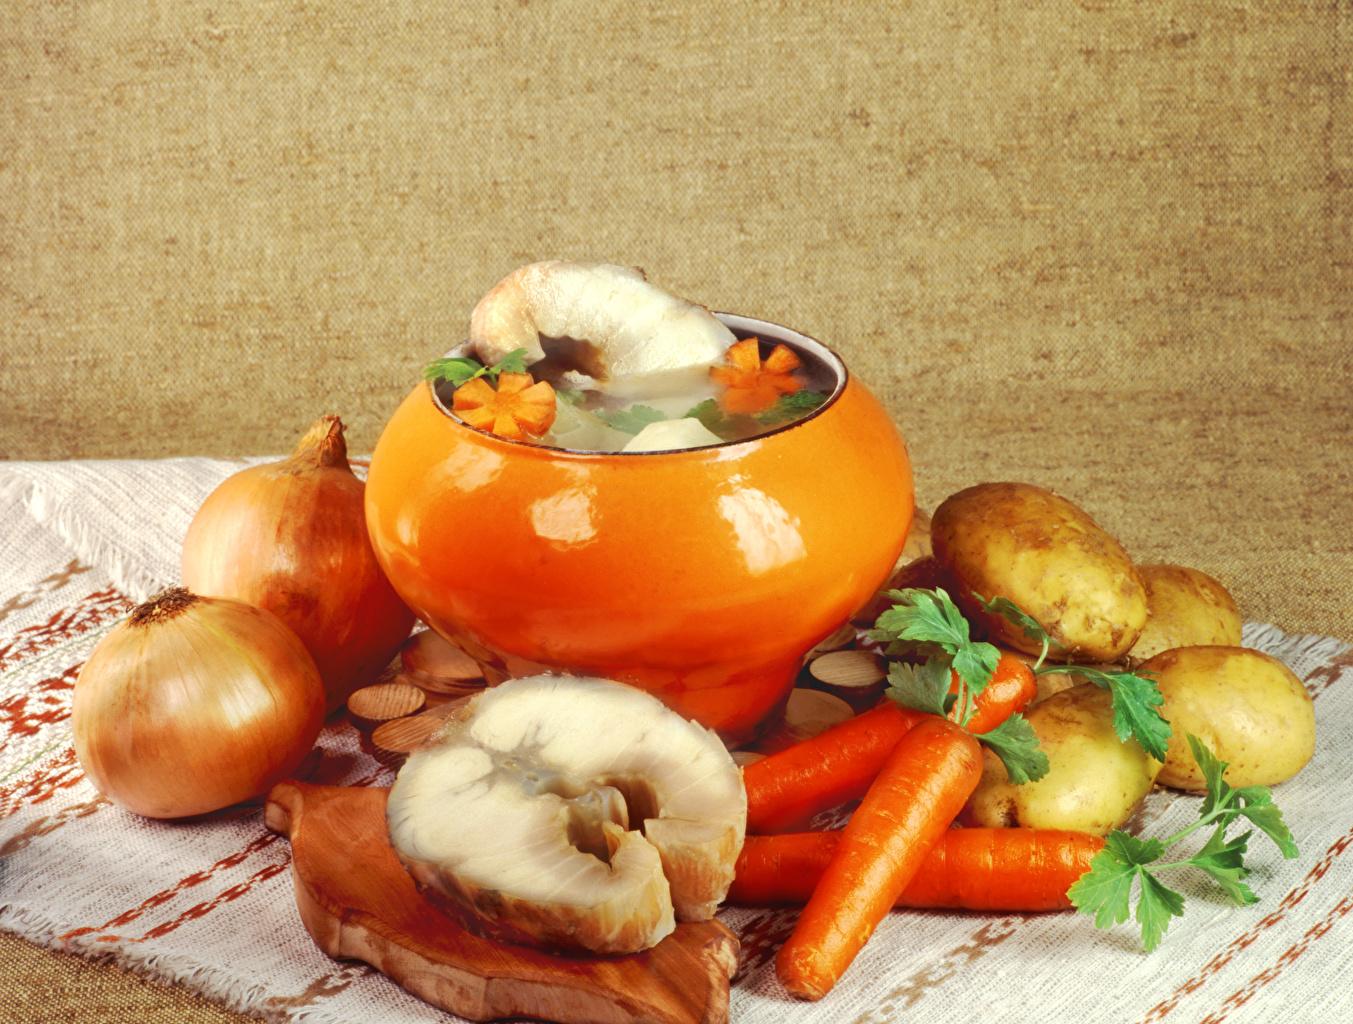 Фотографии Морковь картошка Лук репчатый Рыба Пища Овощи Натюрморт Картофель Еда Продукты питания